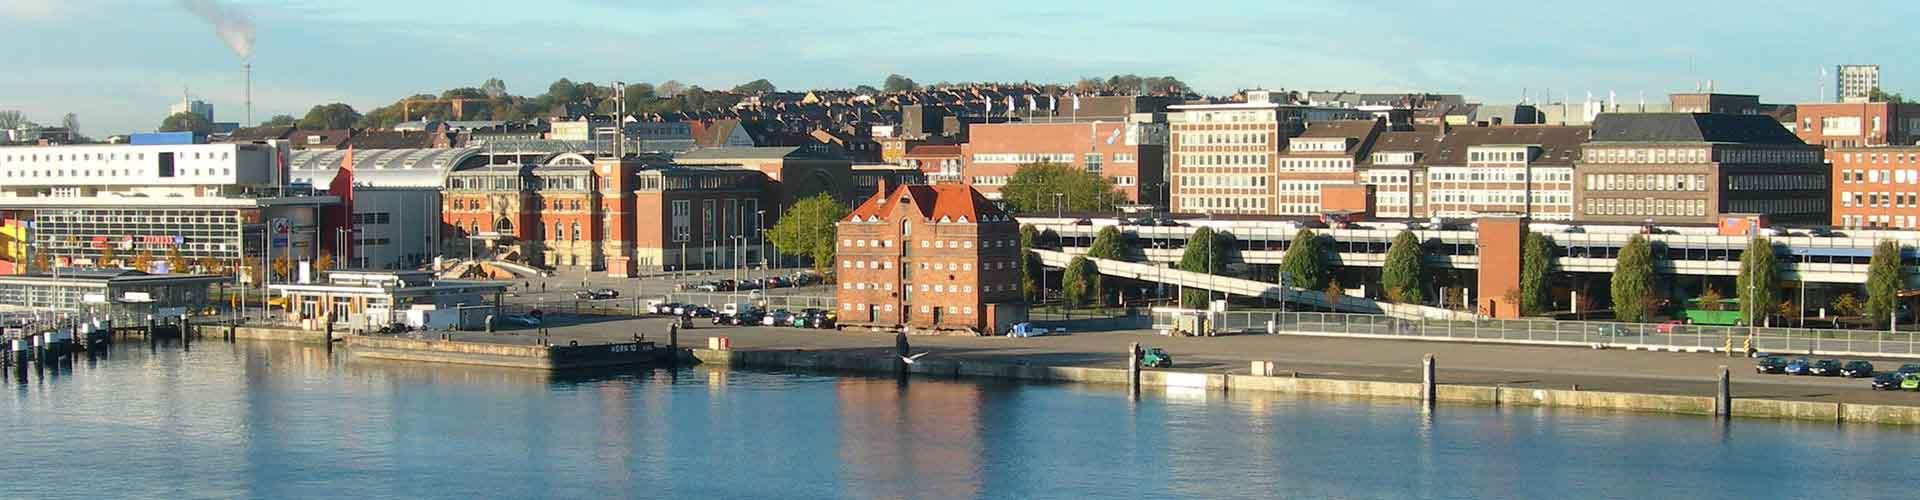 Kiel - Albergues en Kiel. Mapas de Kiel, Fotos y Comentarios para cada Albergue en Kiel.